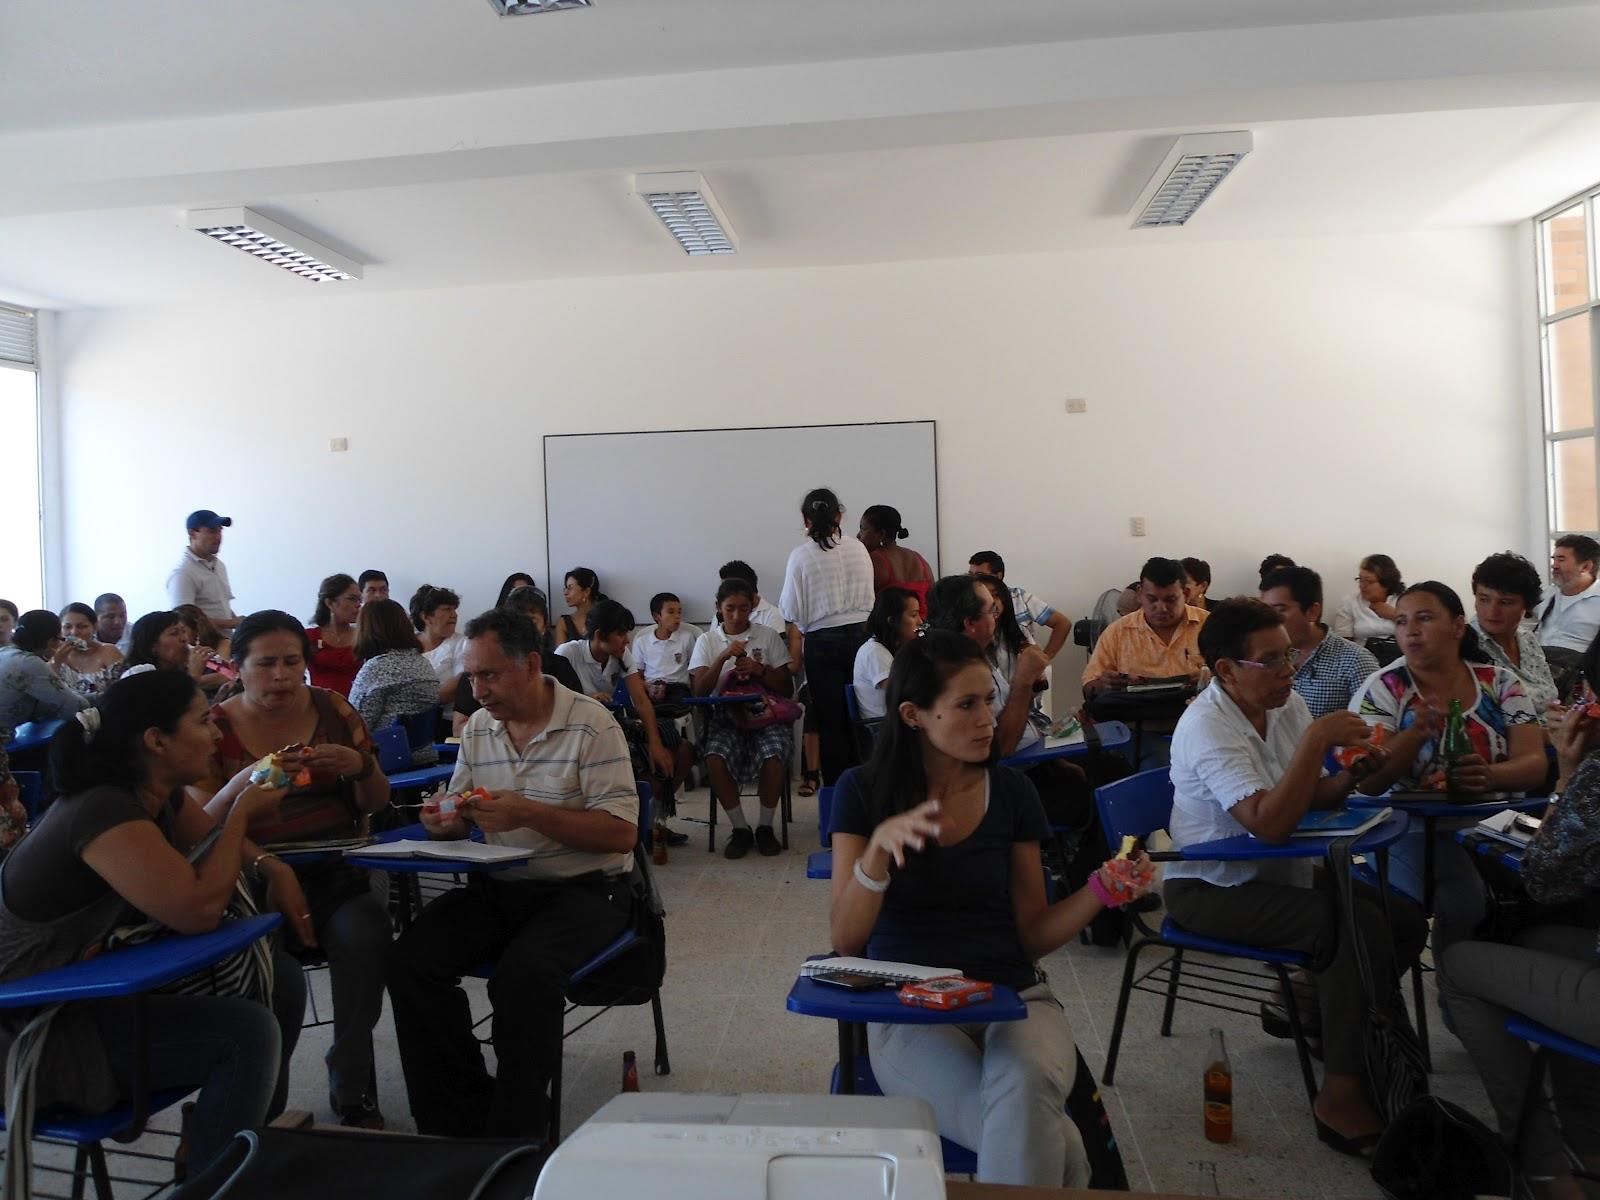 Rectores y Directores de las Instituciones Educativas se darán cita en Yopal este martes 31 de enero